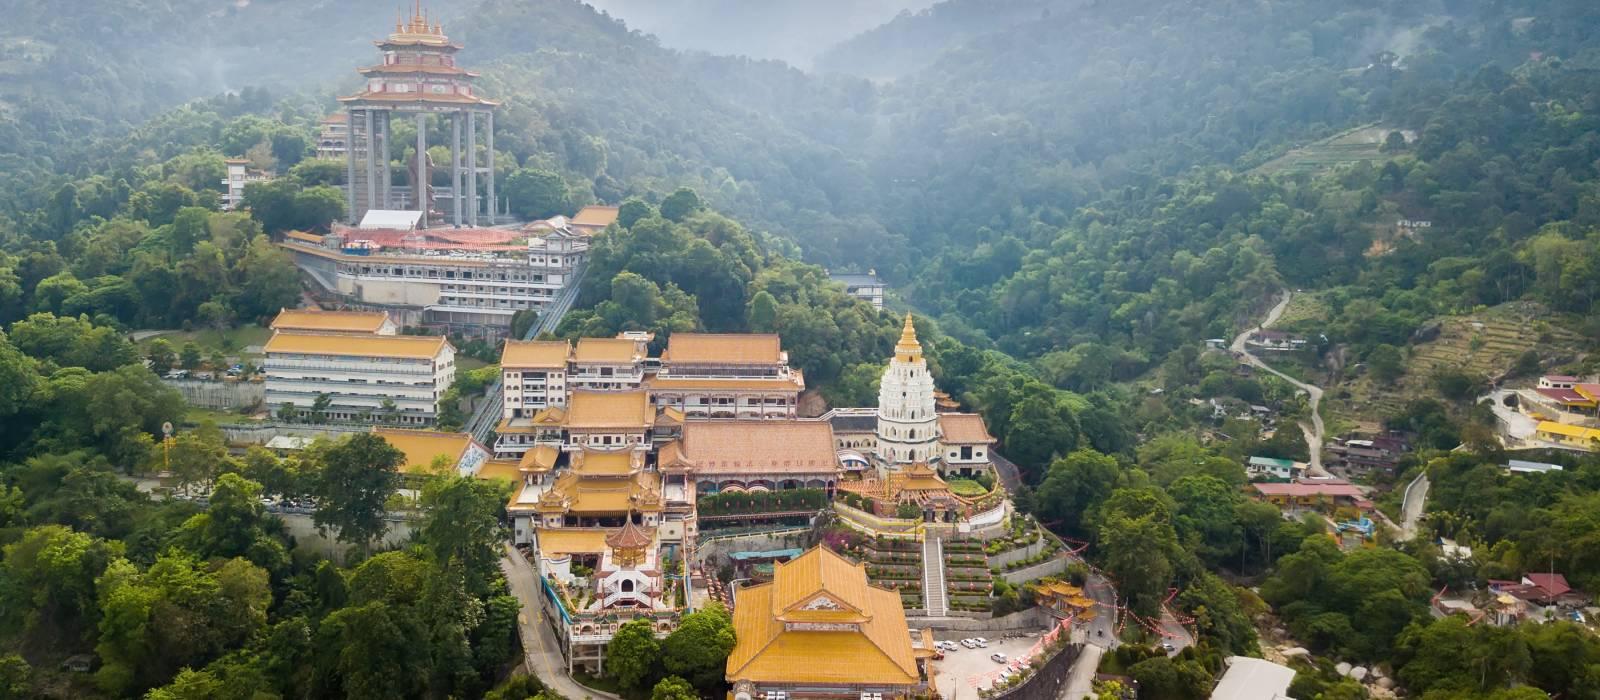 Vogelperspektive über dem Kek Lok Si Tempel auf der Insel Penang, Malaysia, Asien